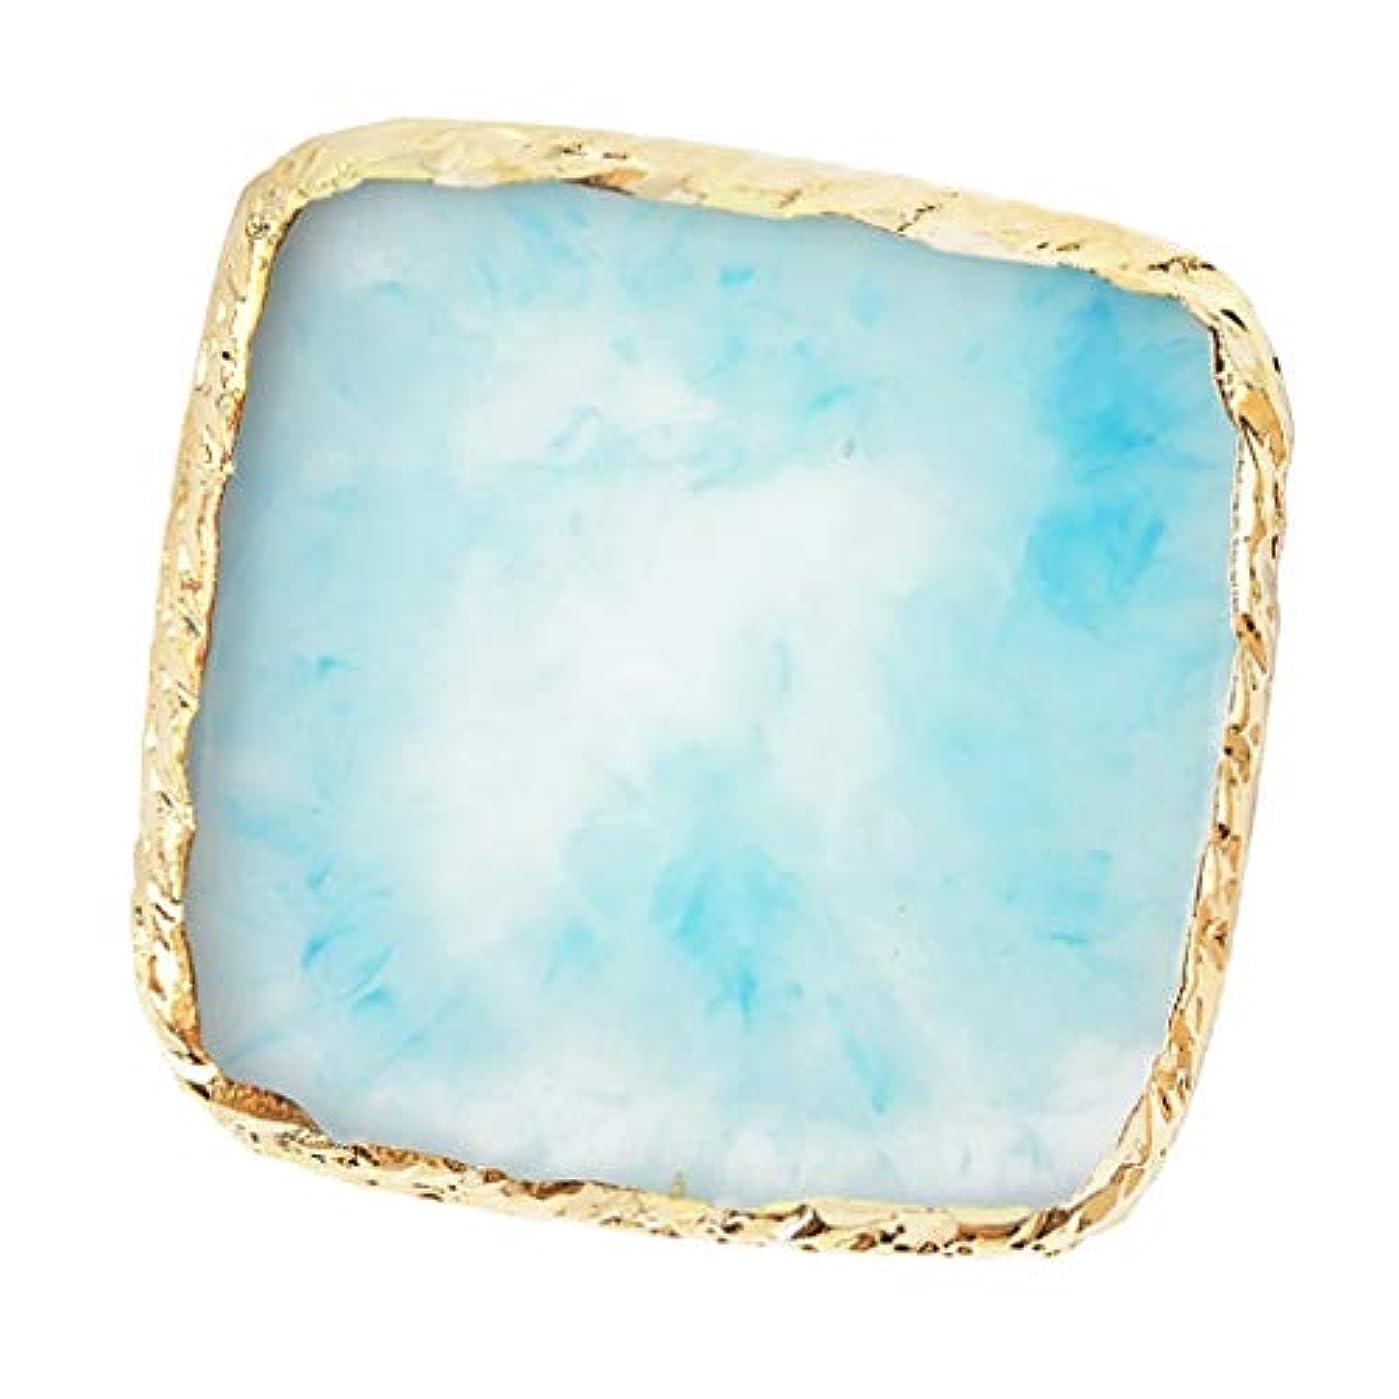 バレーボール検索粘液IPOTCH ネイルアート カラーブレンド ミキシングパレット 樹脂製 6色選べ - 青